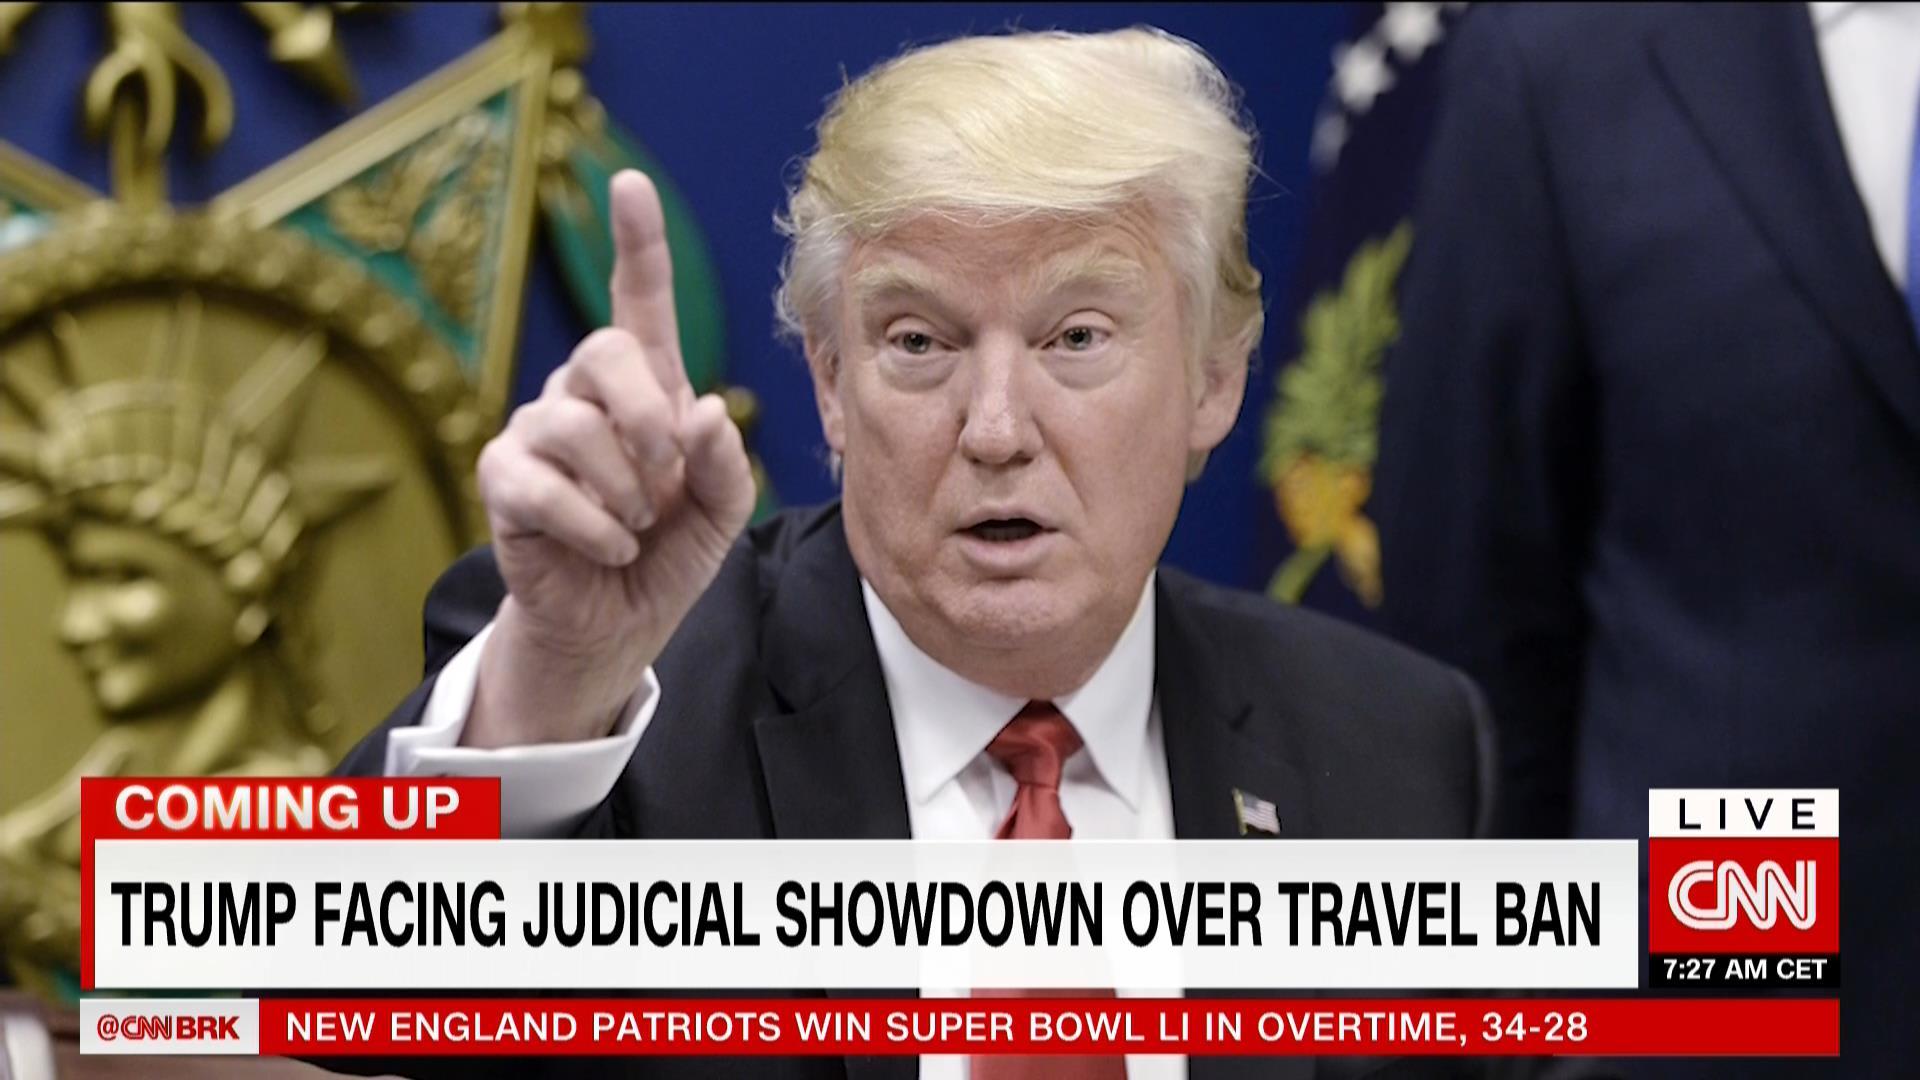 ترامب يجدد هجومه على قاضي تعليق مرسوم الحظر: إن حدث شيء ما ألقوا باللوم عليه